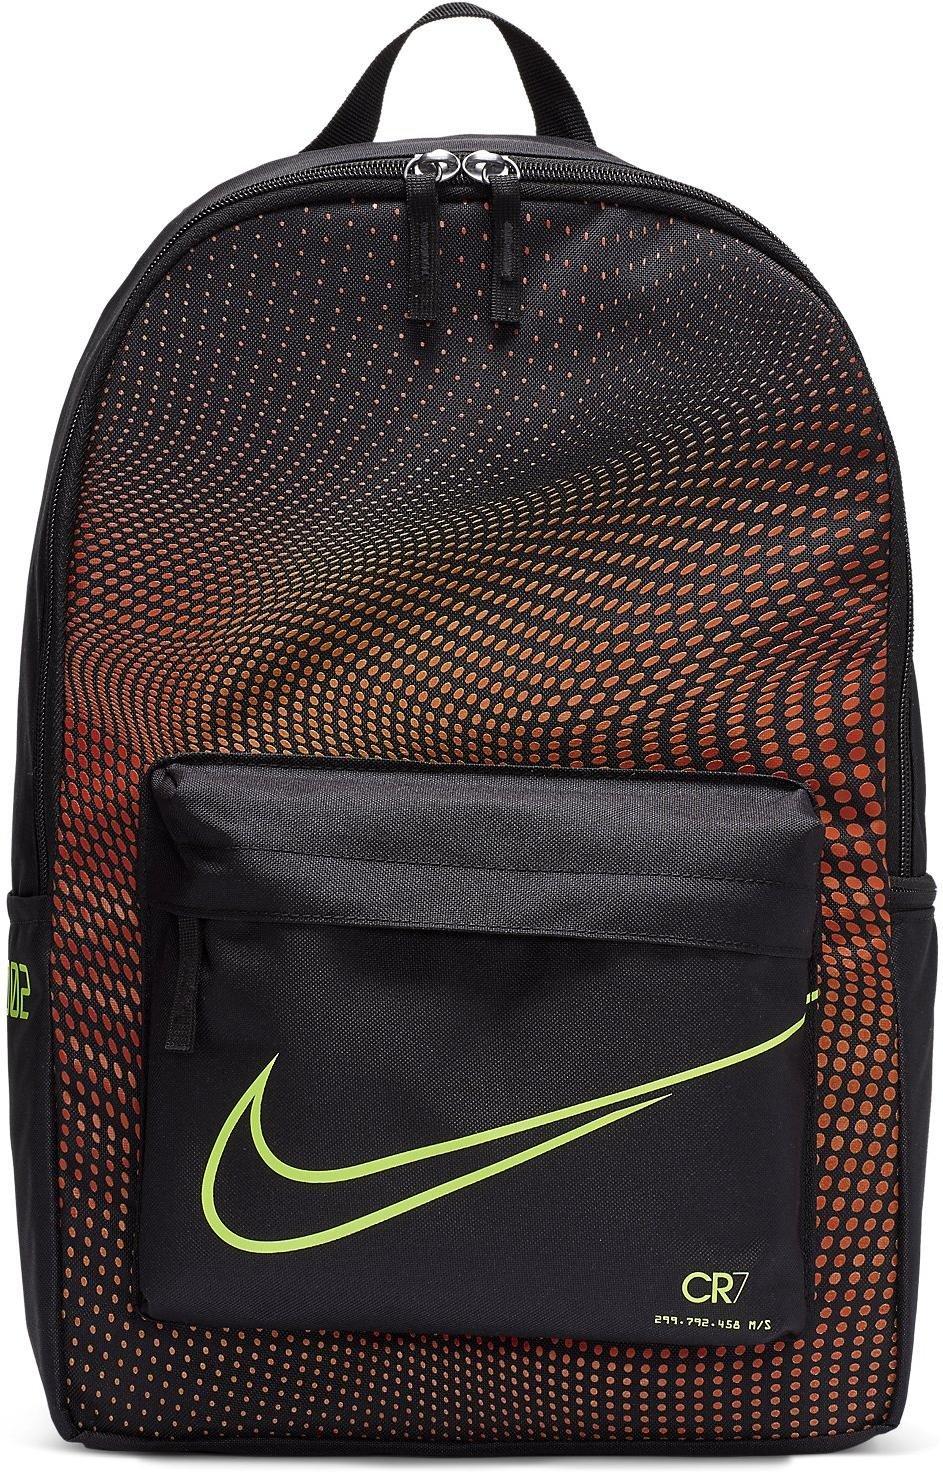 Dětský fotbalový batoh Nike Mercurial Series CR7